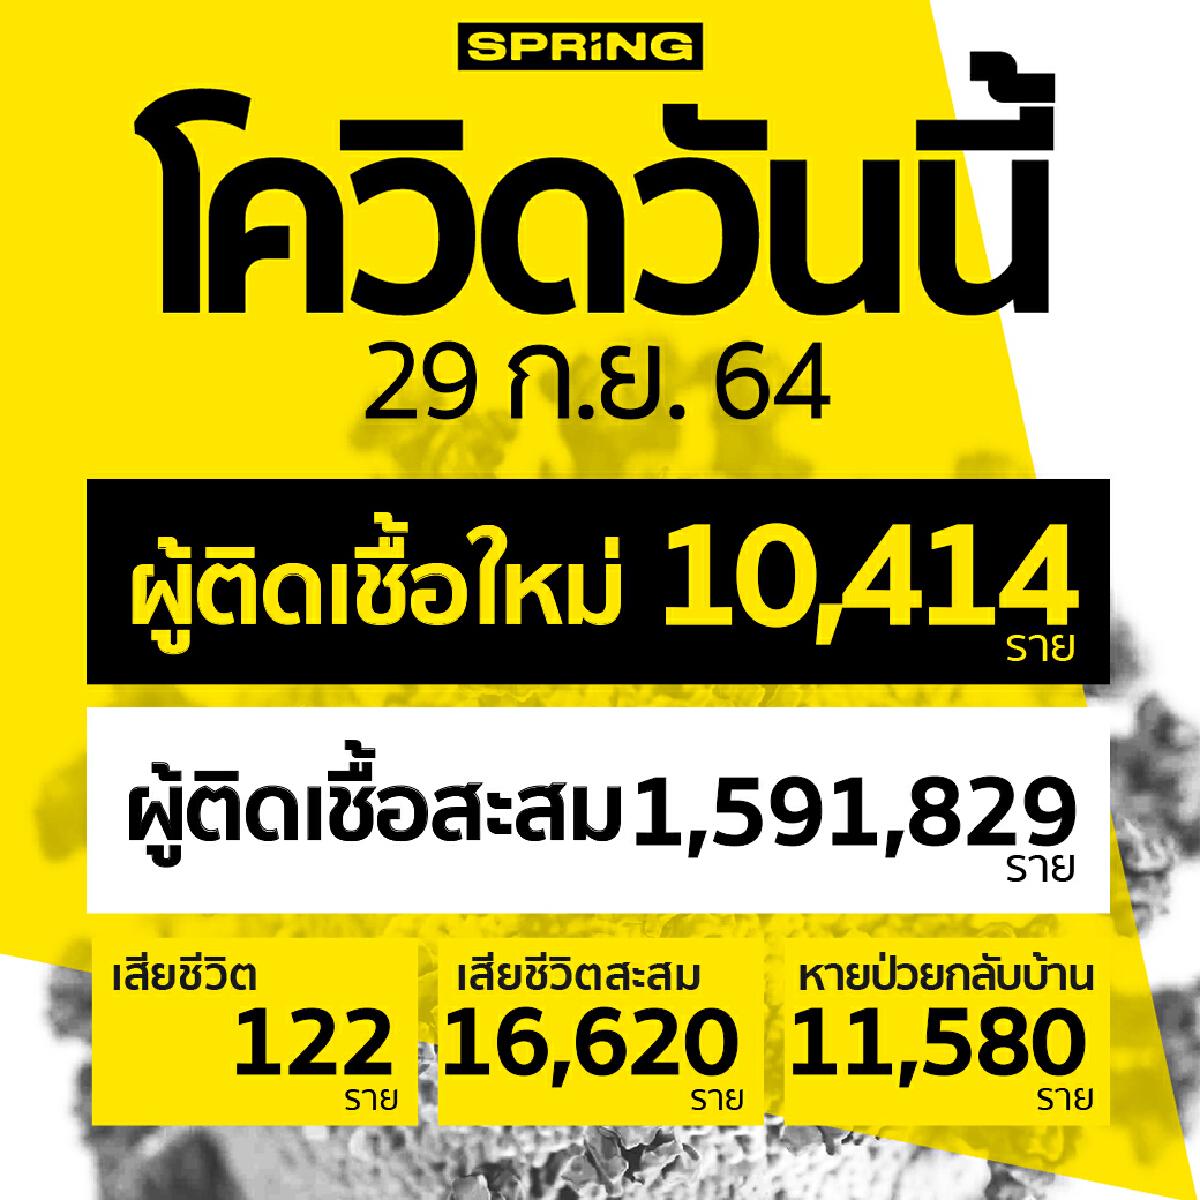 โควิดวันนี้ เสียชีวิต 122 ราย ติดเชื้อเพิ่ม 10,414 ราย